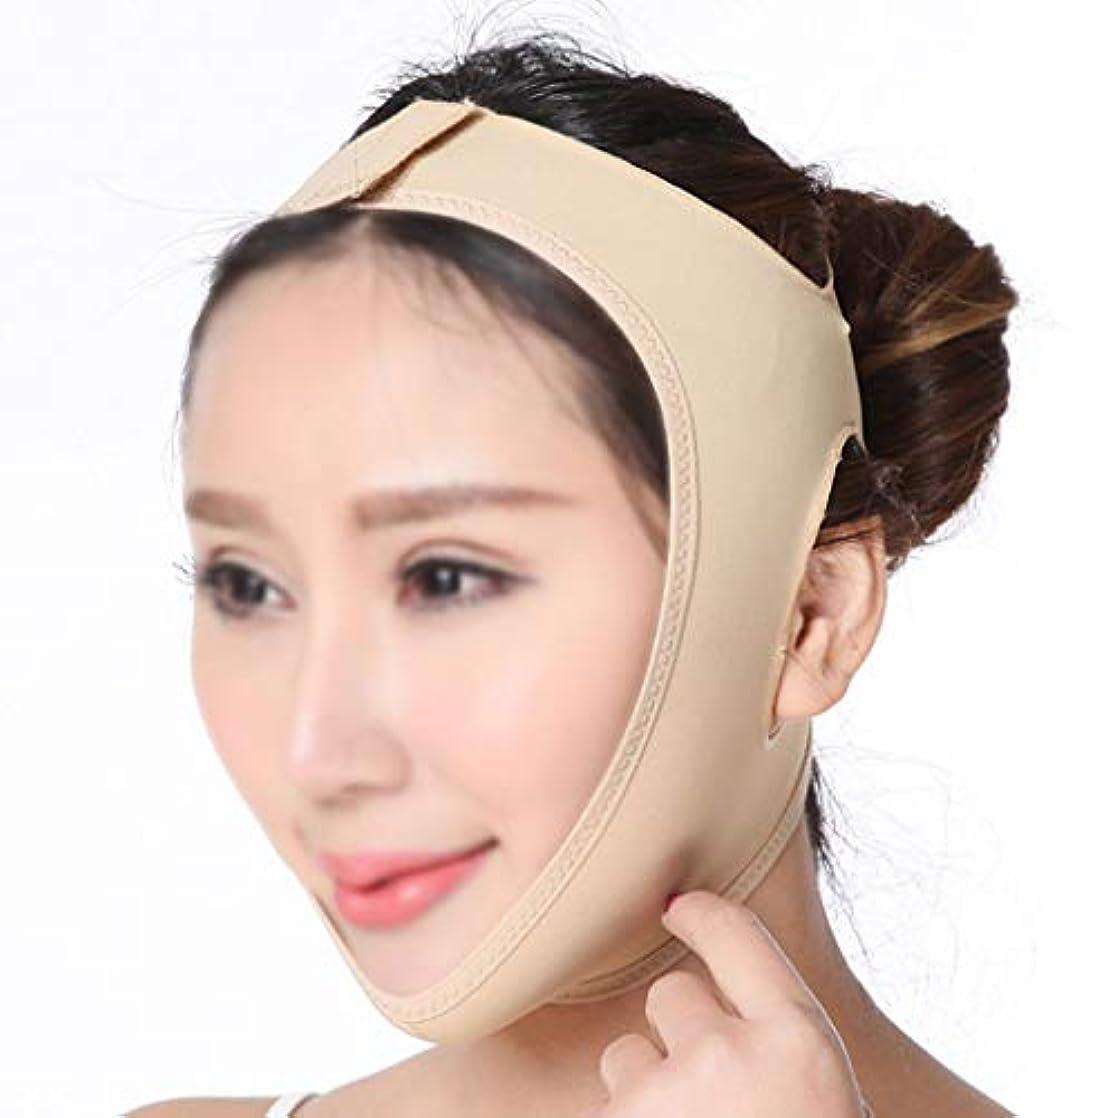 面積隔離する東方TLMY 薄い顔のアーティファクトVマスク薄い顔の包帯/顔の引き締め痩身包帯通気性二重あご減量マスク 顔用整形マスク (Size : L)